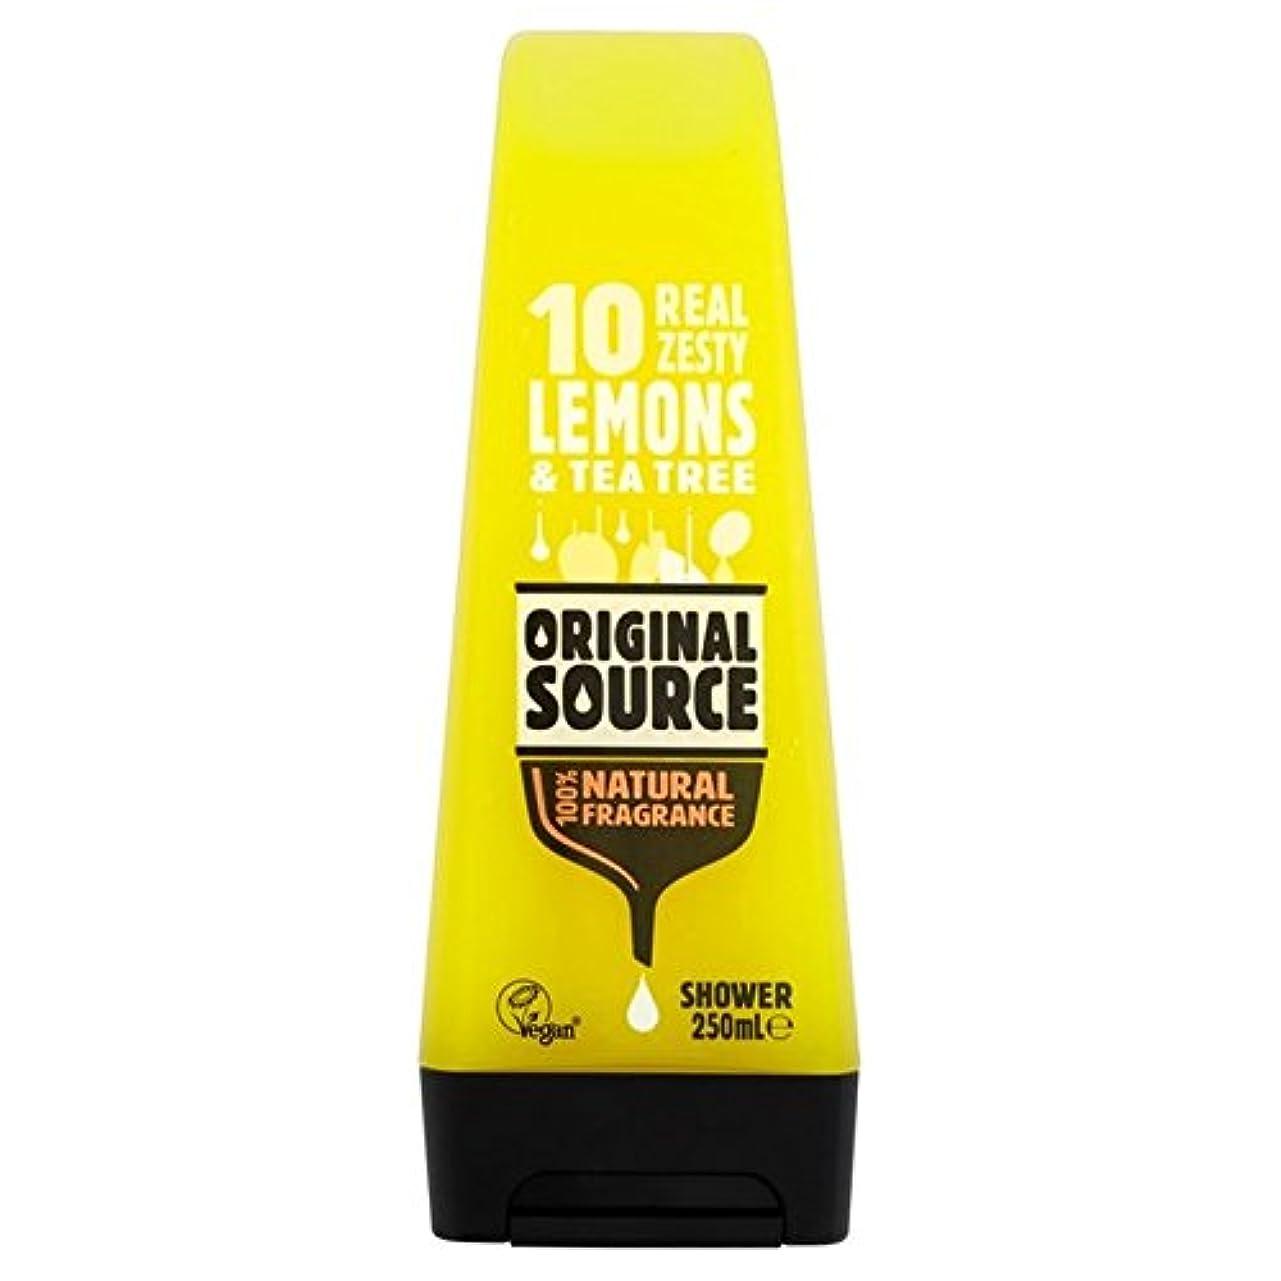 分岐する挑発する恋人元のソースのレモンシャワージェル250ミリリットル x4 - Original Source Lemon Shower Gel 250ml (Pack of 4) [並行輸入品]